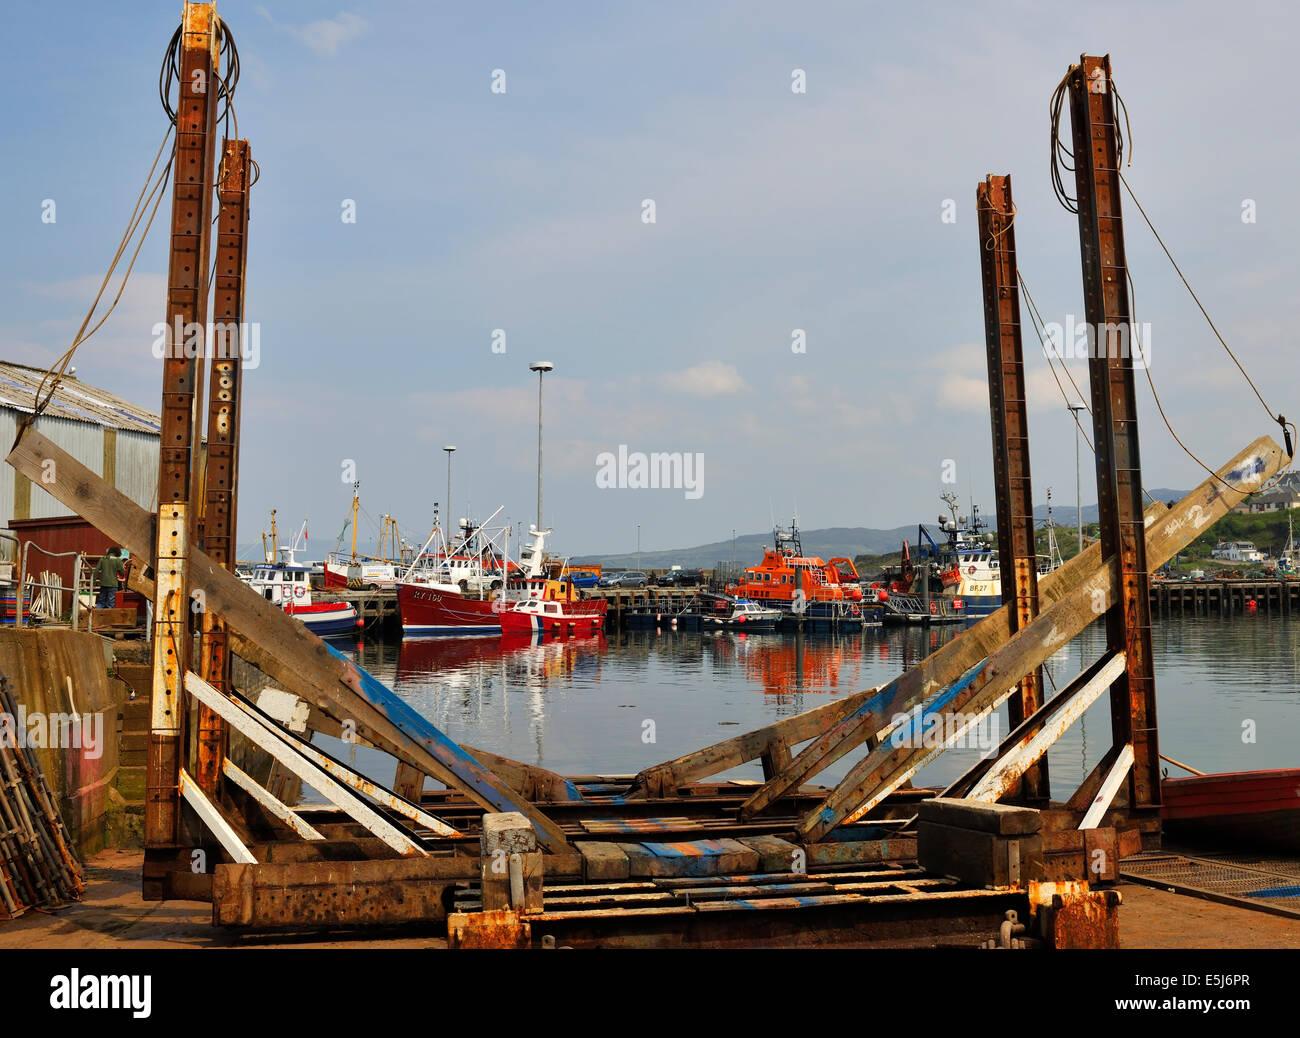 Barcos enmarcada por una cuna del buque en el puerto de Mallaig, Escocia Imagen De Stock